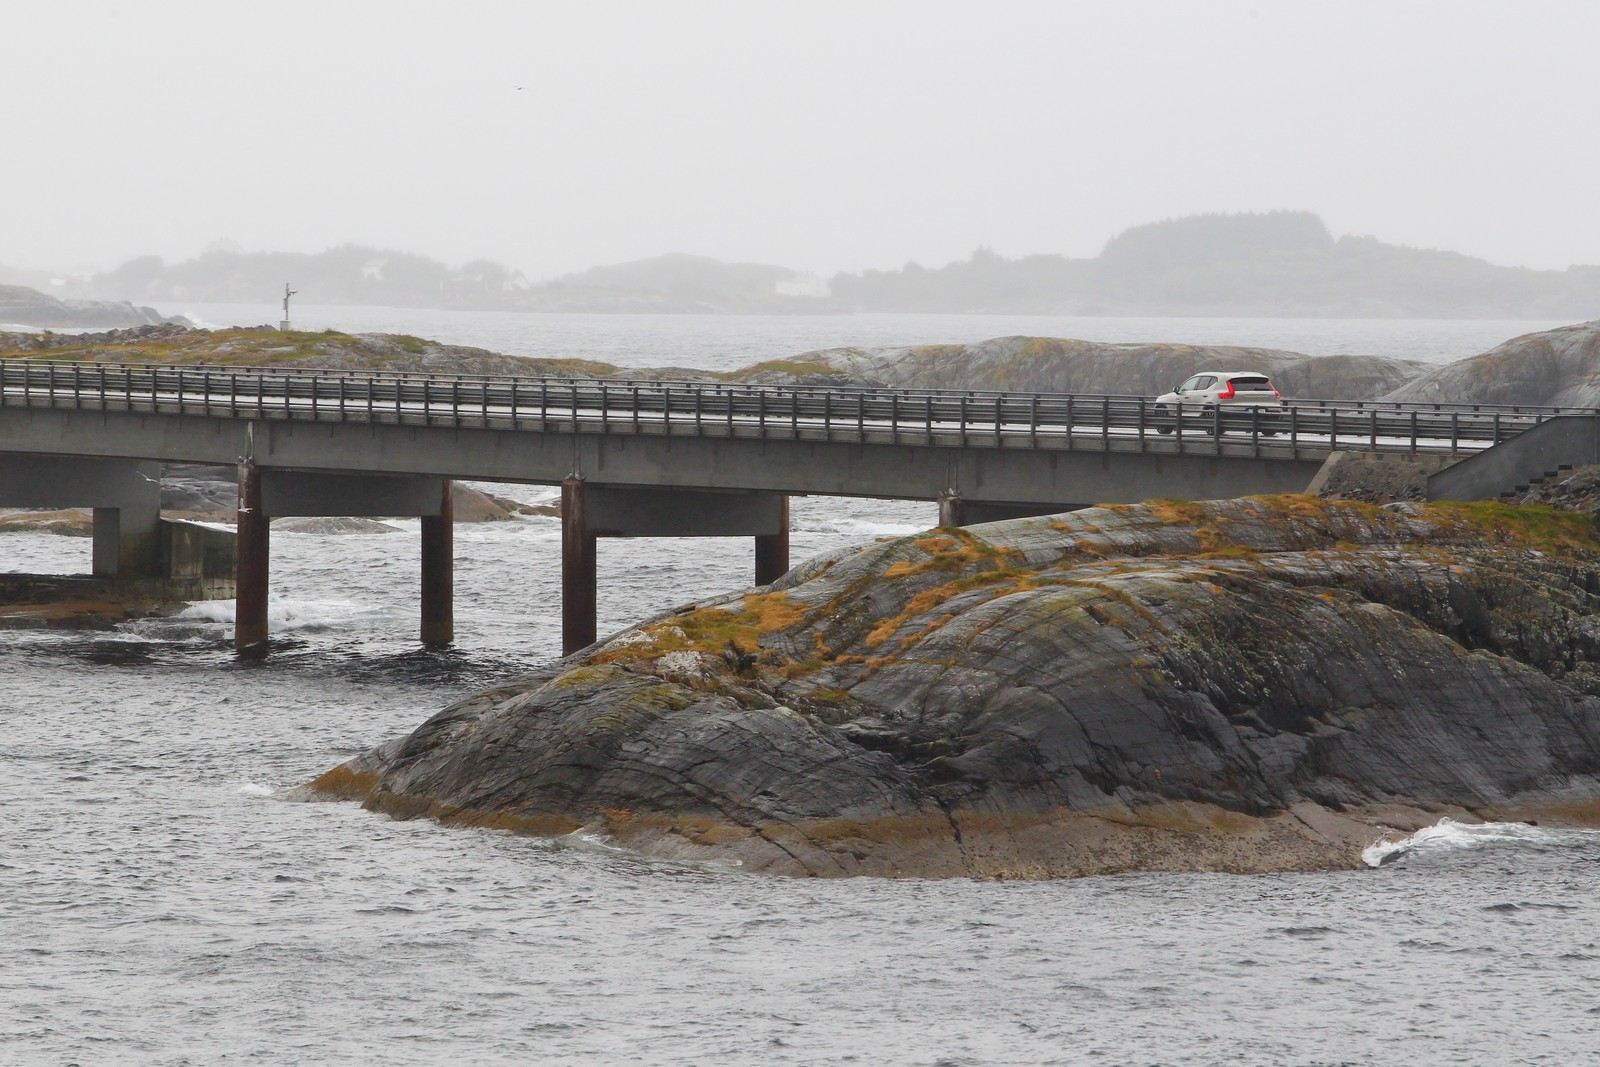 Κορυφαίες τοποθεσίες γνωριμιών στη Νορβηγία